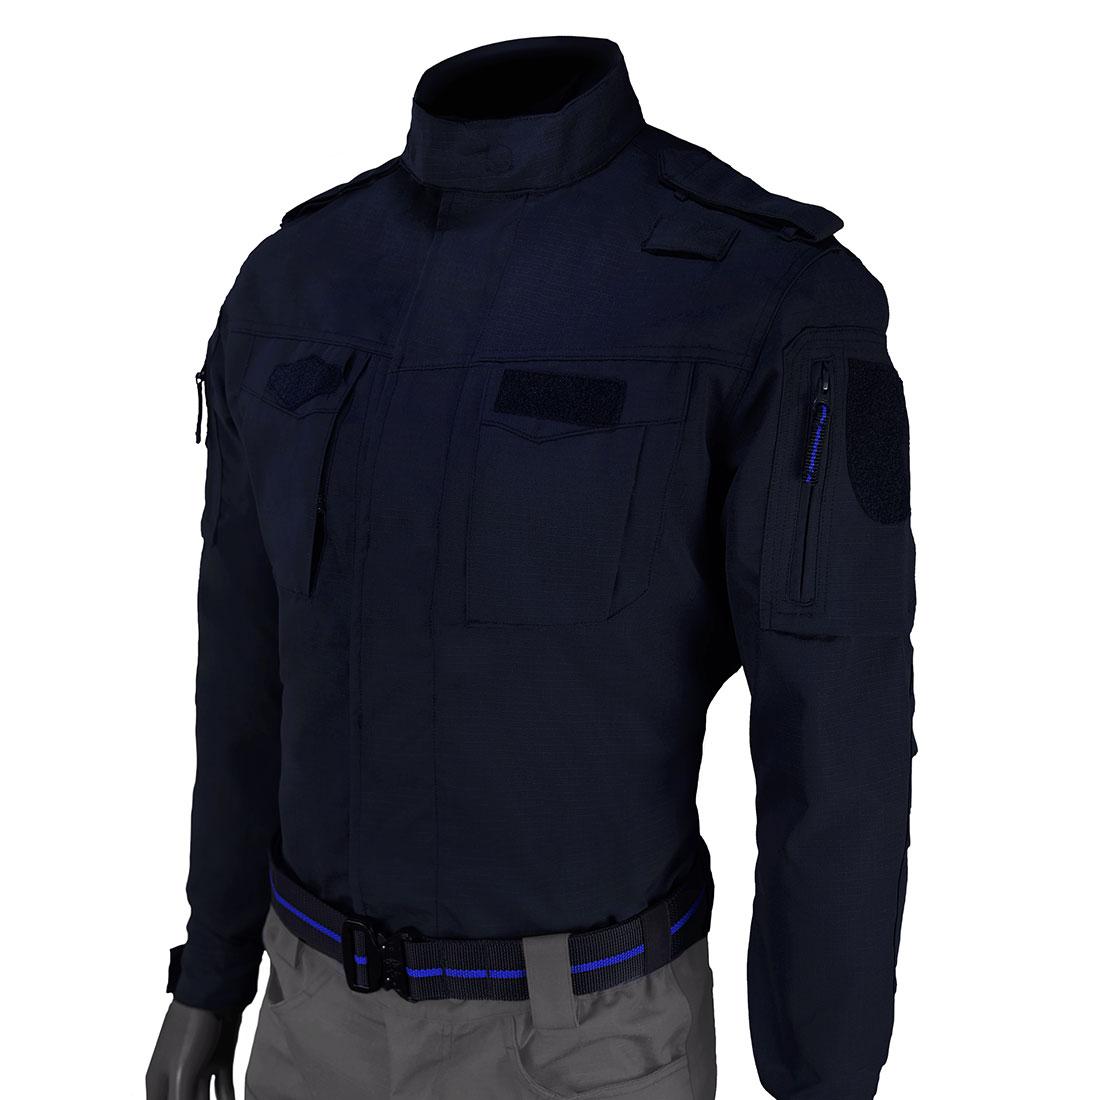 UTA X-ELITE Antiflaming Combat Suit